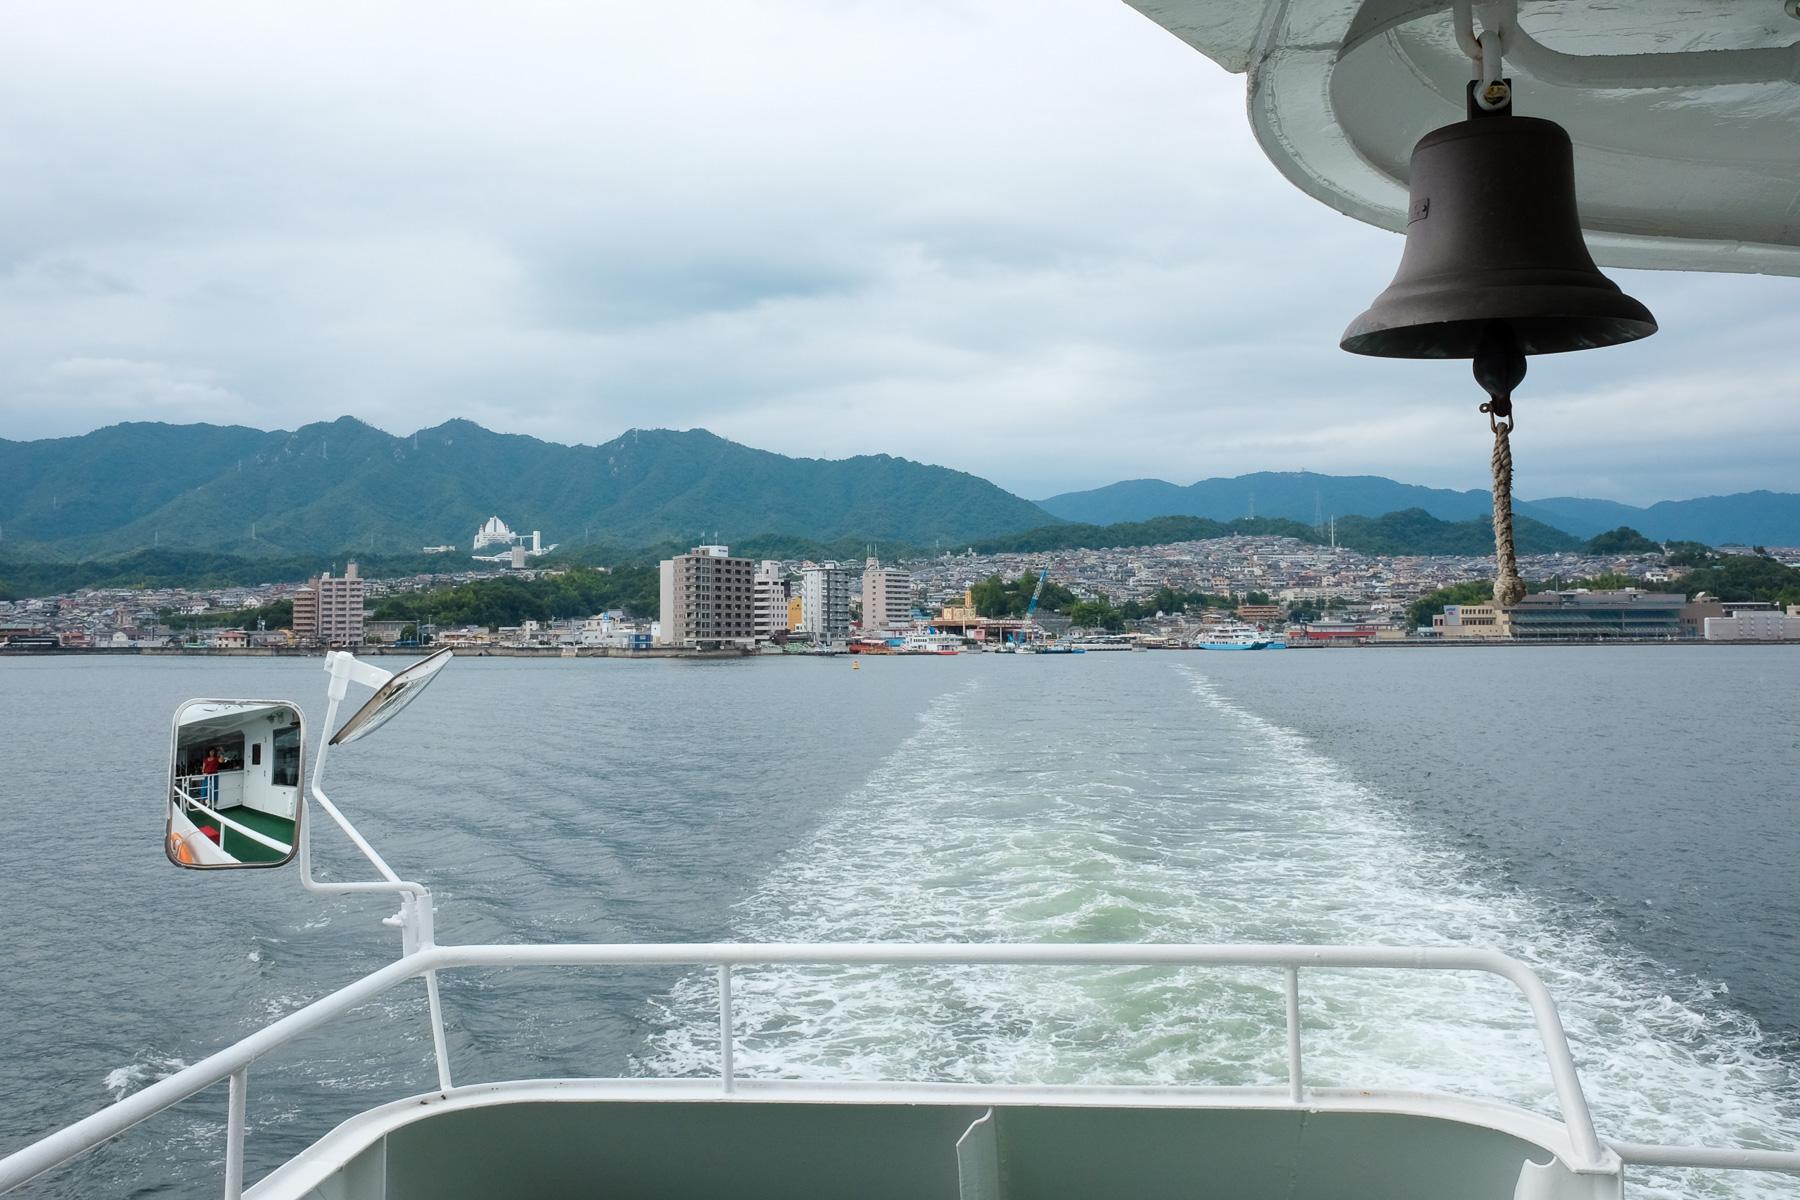 Mit der Fähre gings nach Miyajima.